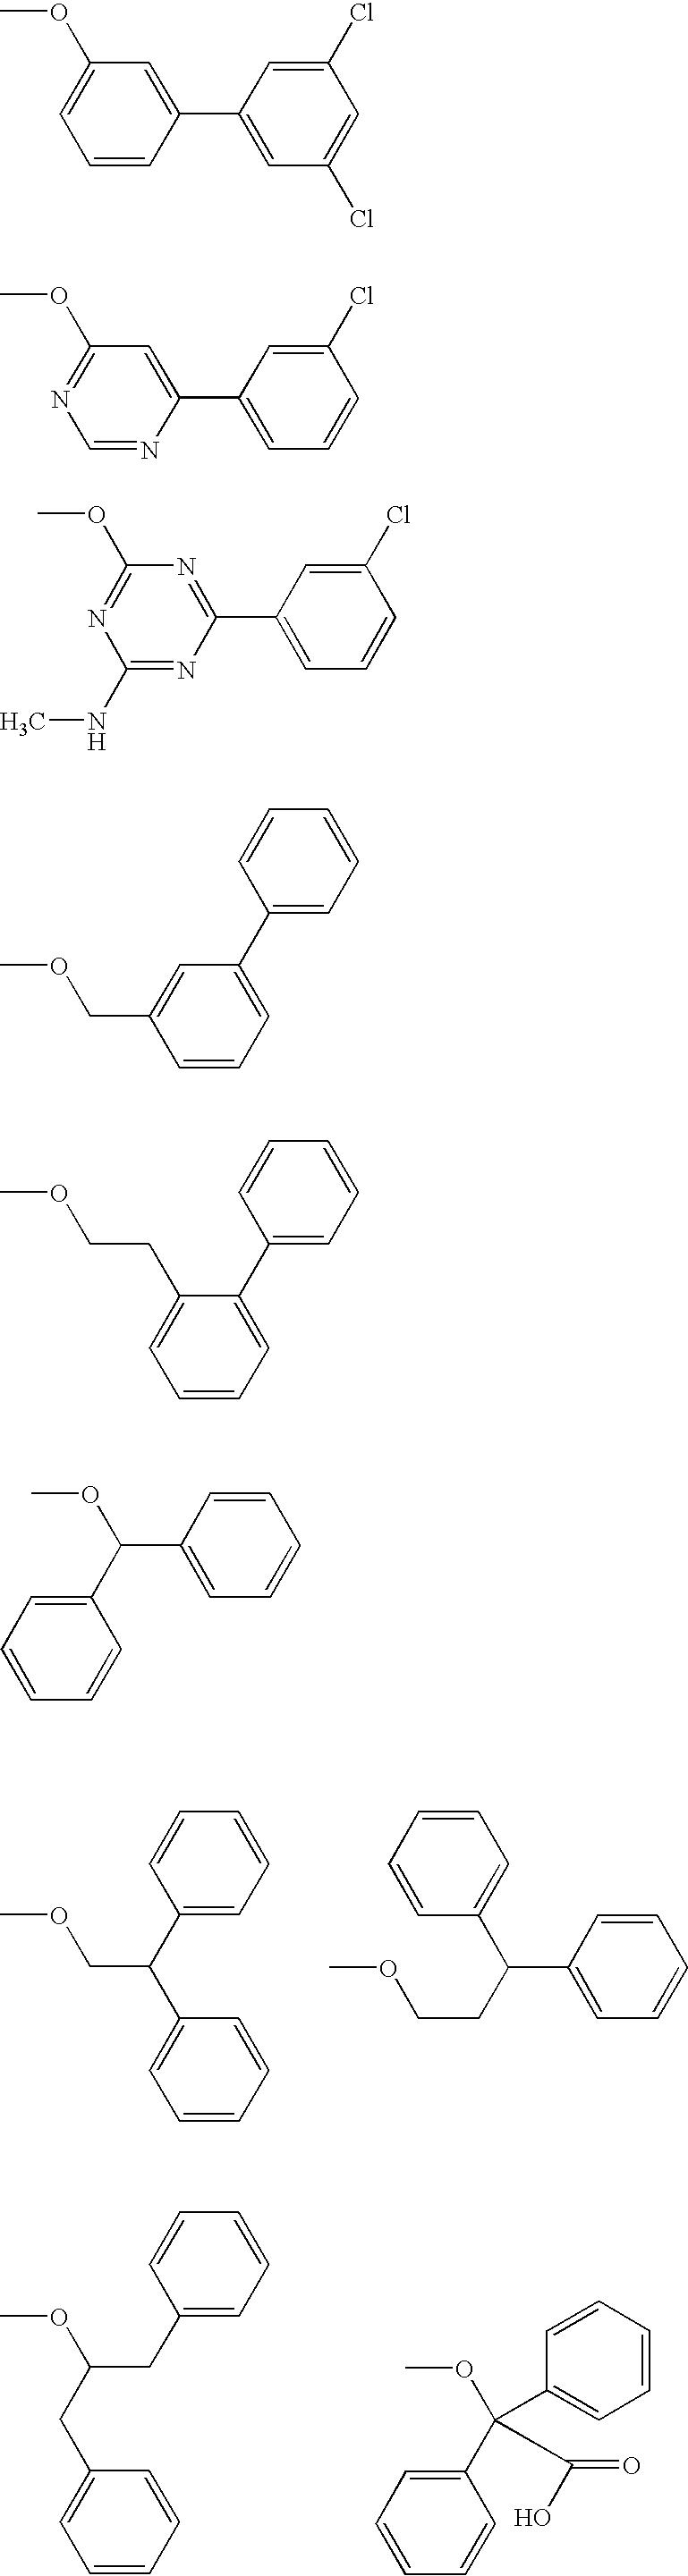 Figure US20070049593A1-20070301-C00238